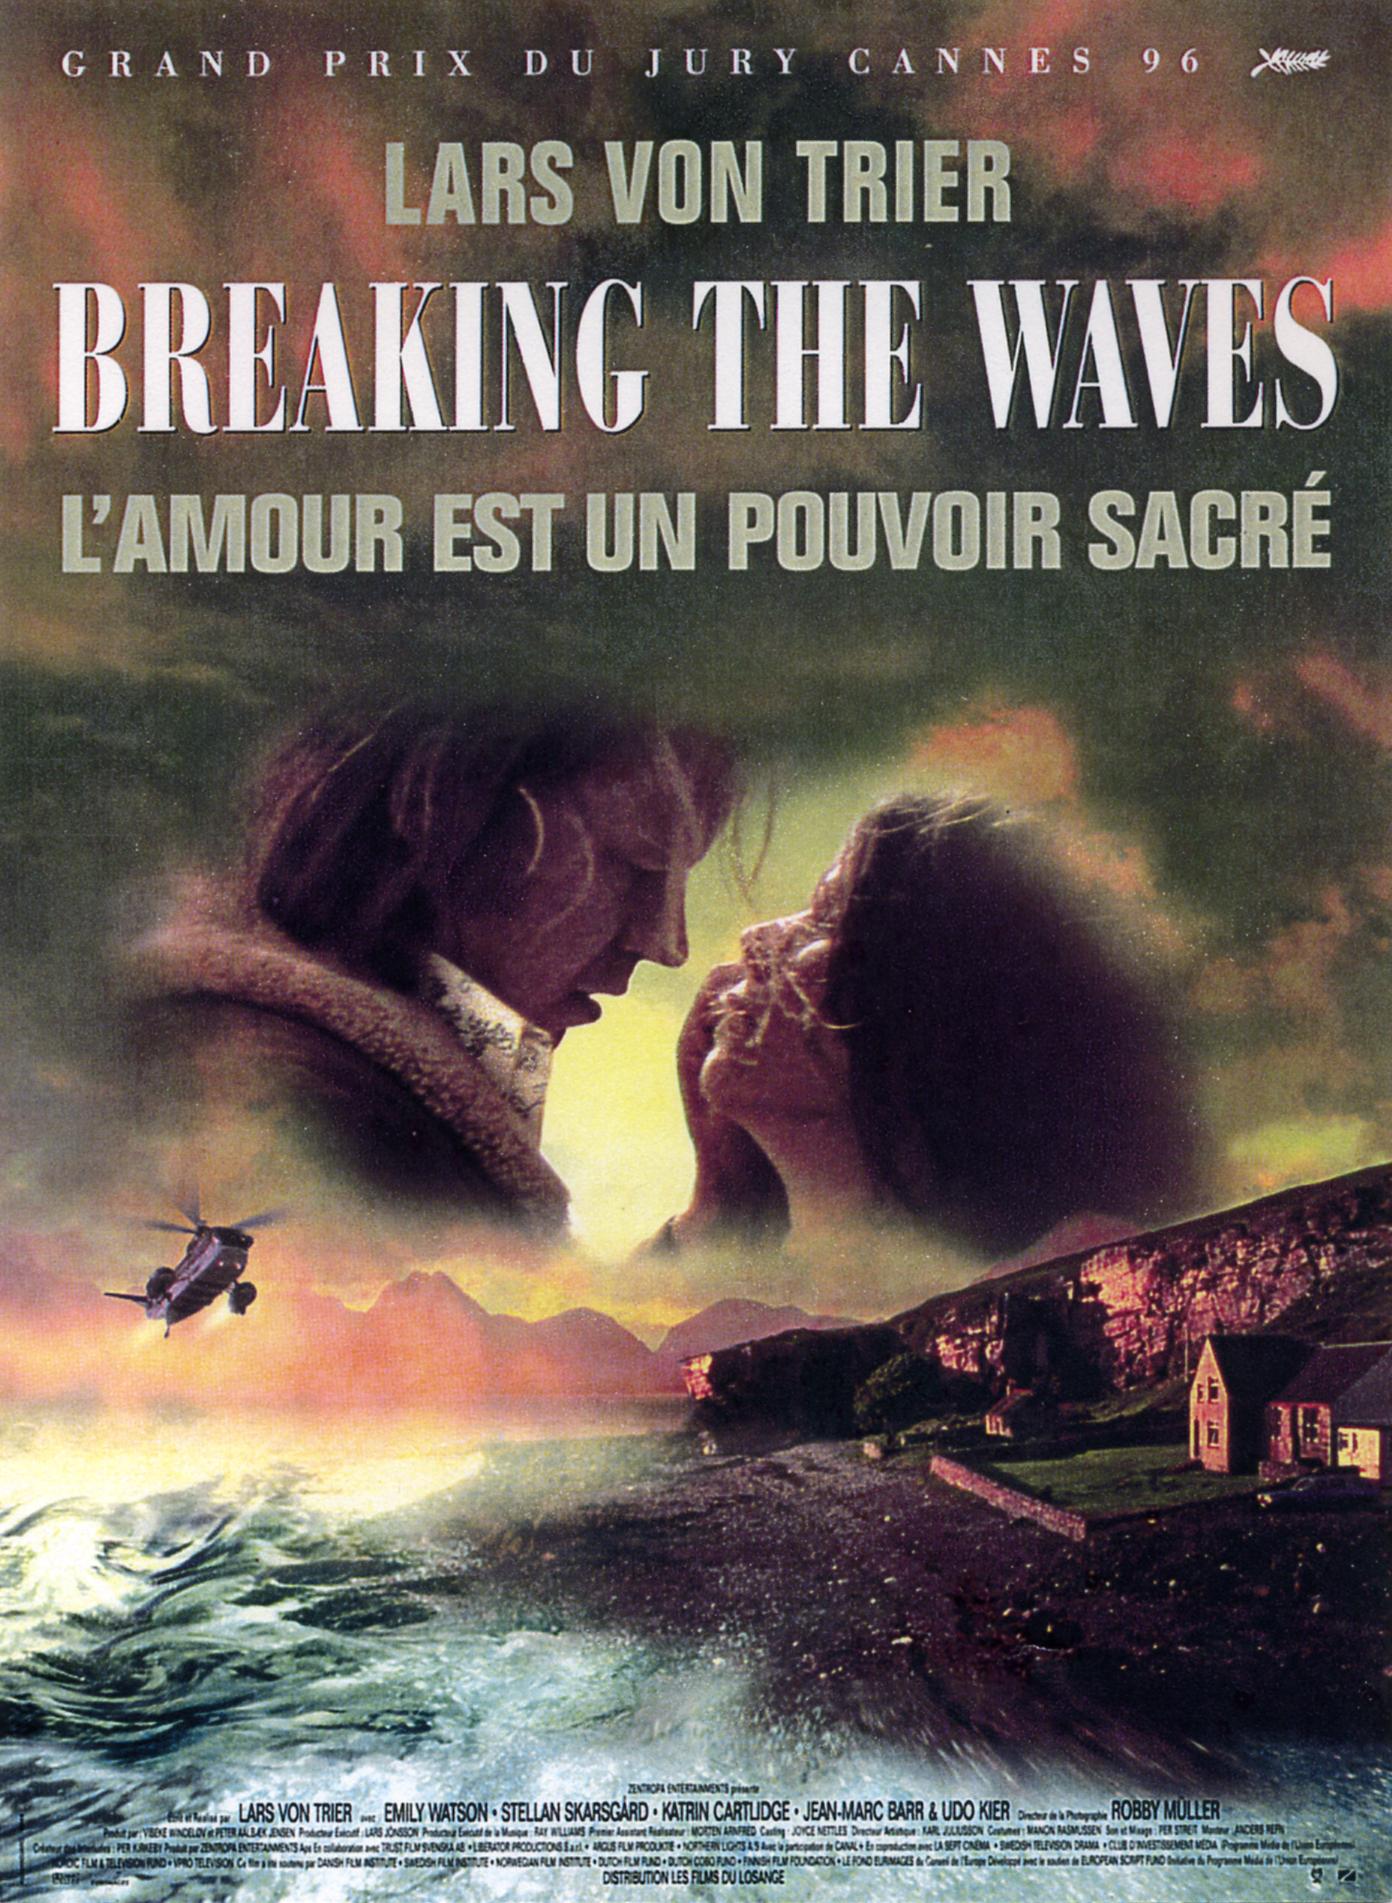 Breaking the waves  de  Lars Von Trier